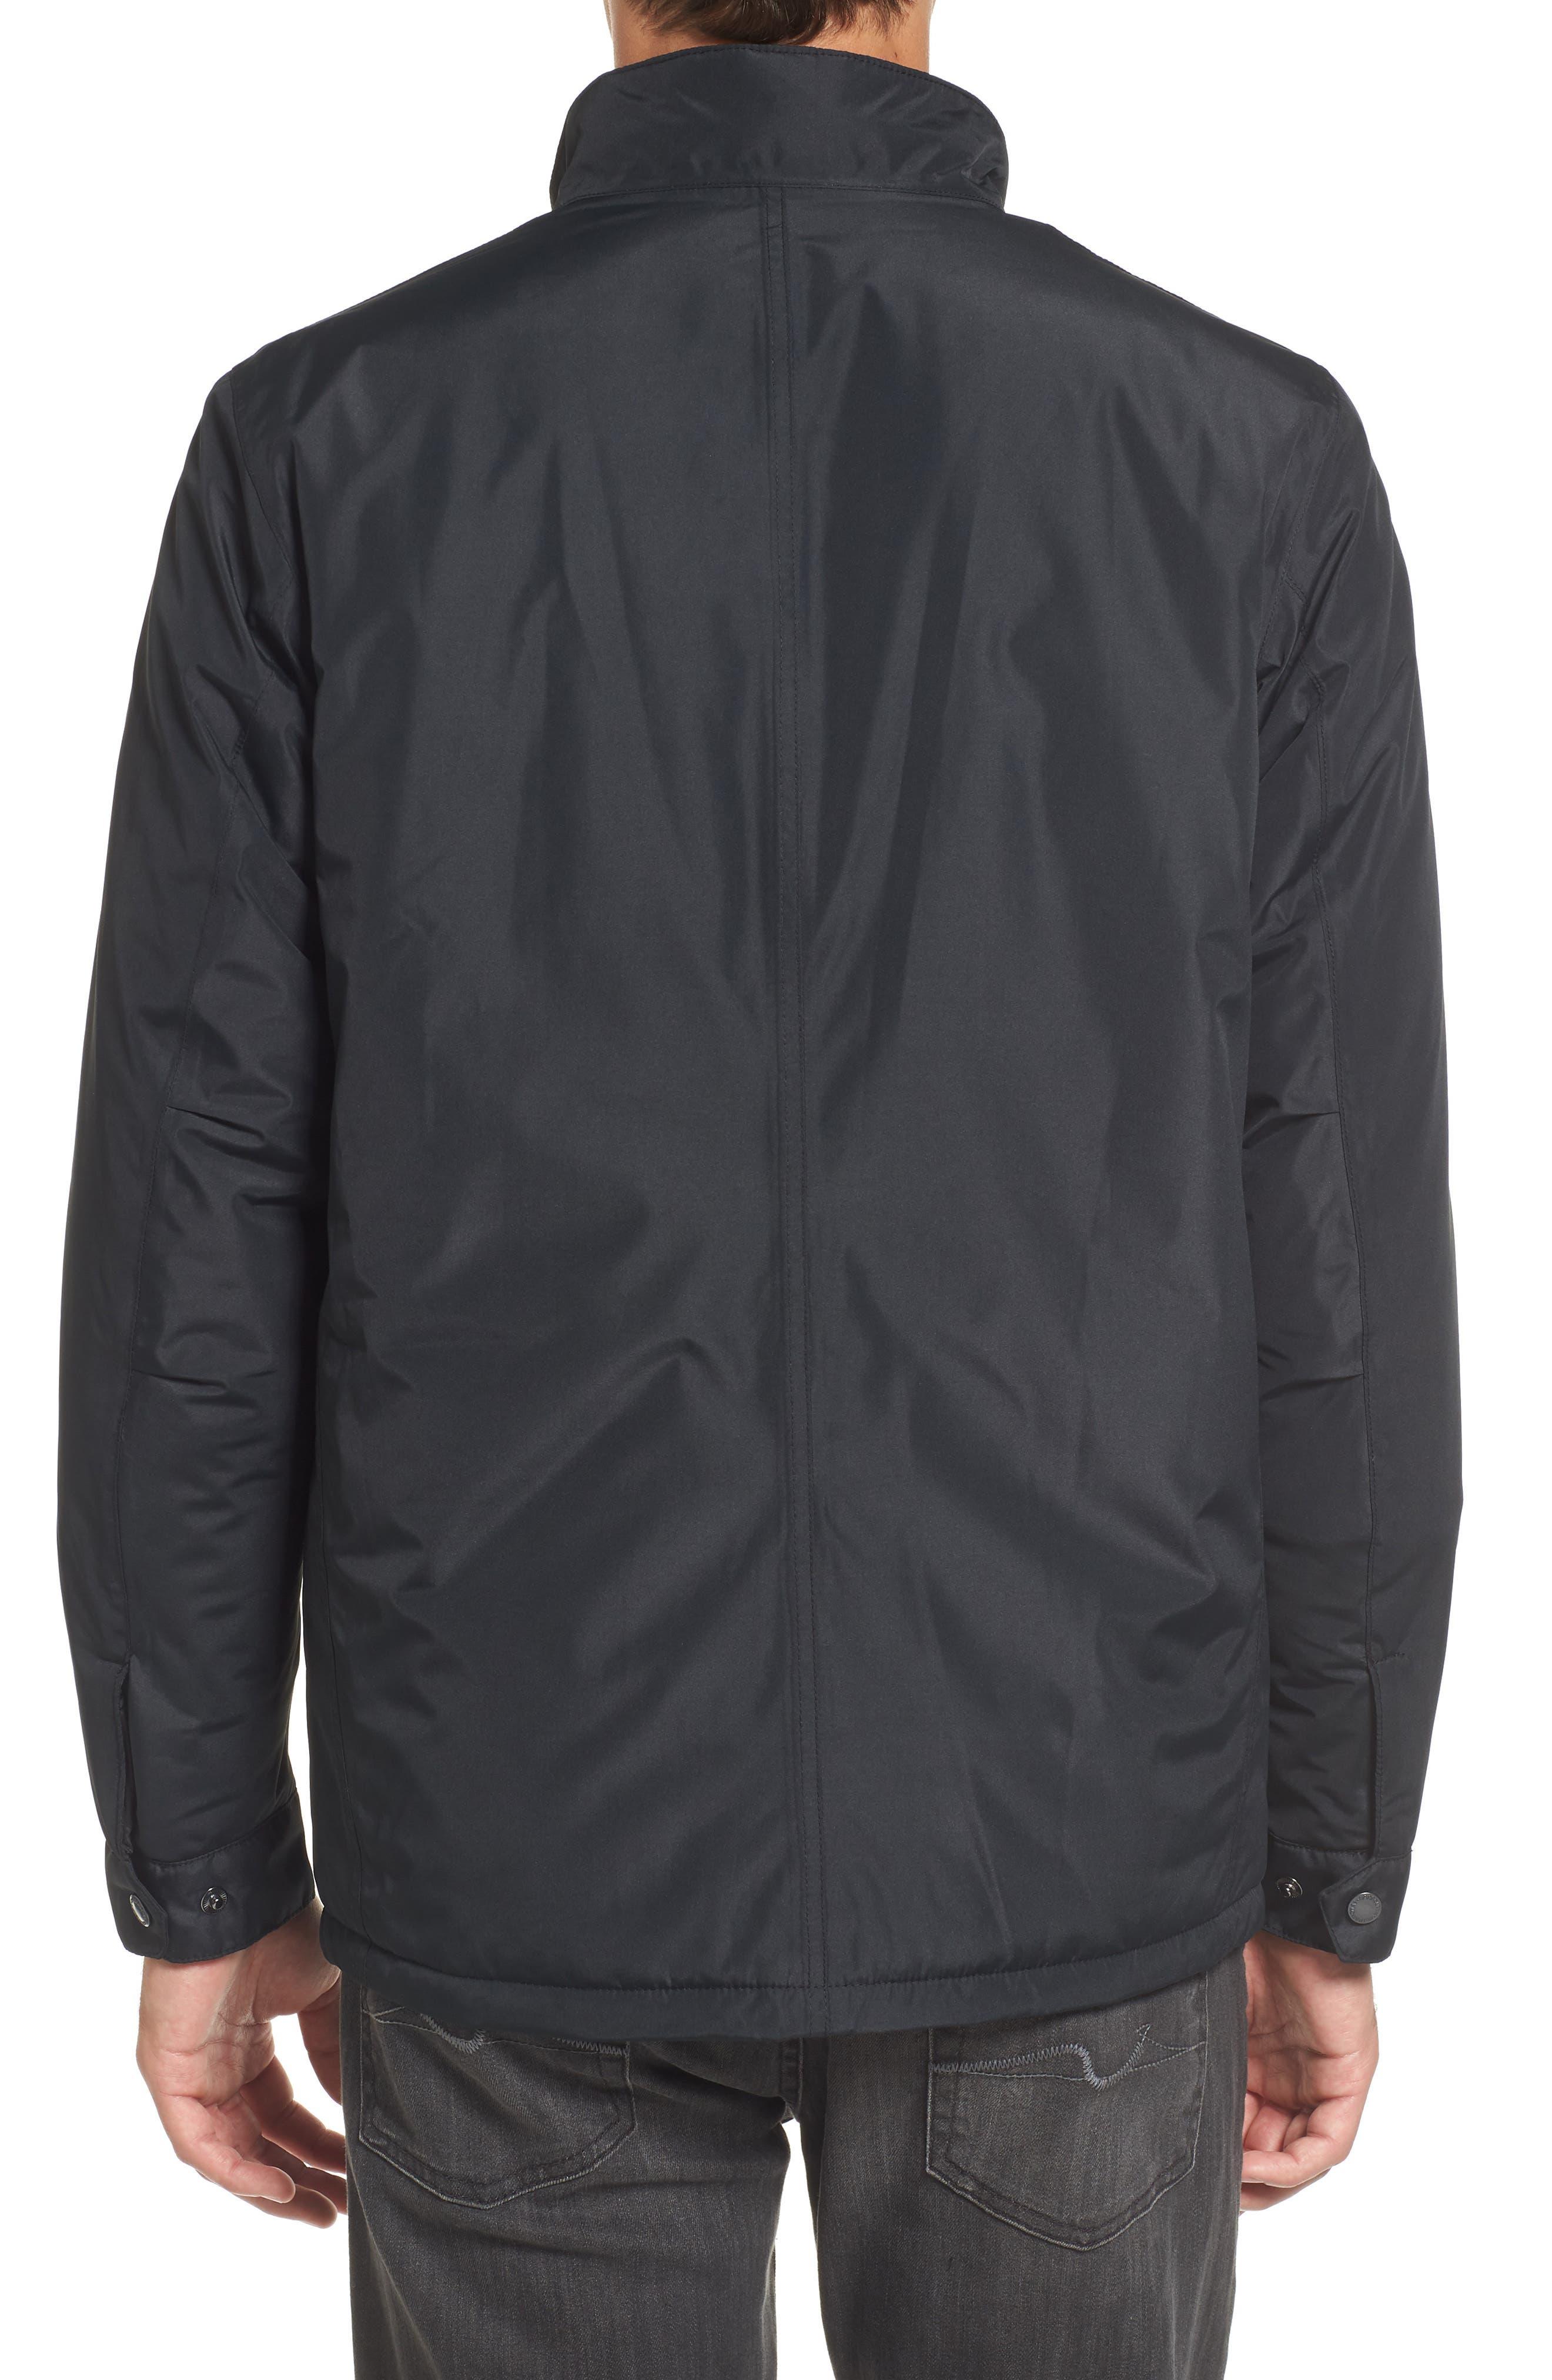 B.Intl Tyne Waterproof Jacket,                             Alternate thumbnail 2, color,                             Black